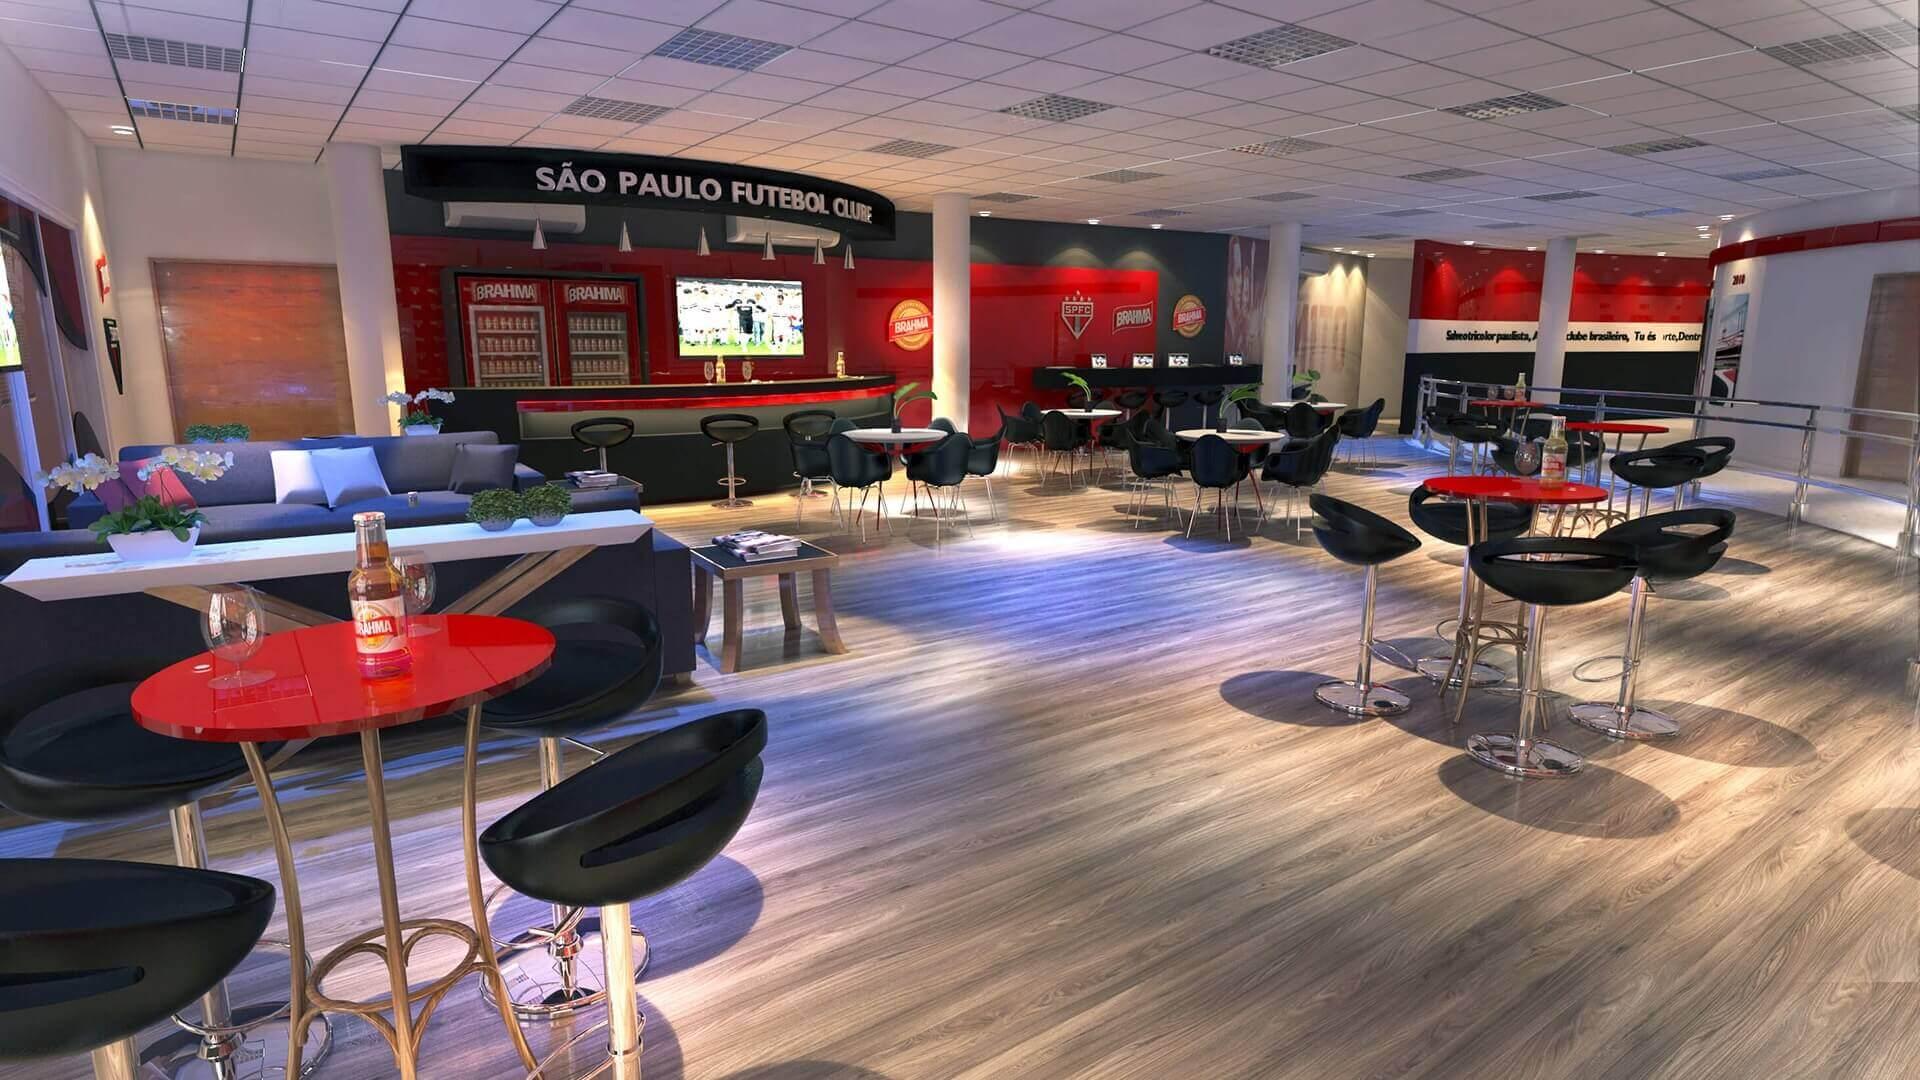 Bar - Sala de Imprensa São Paulo Futebol Clube